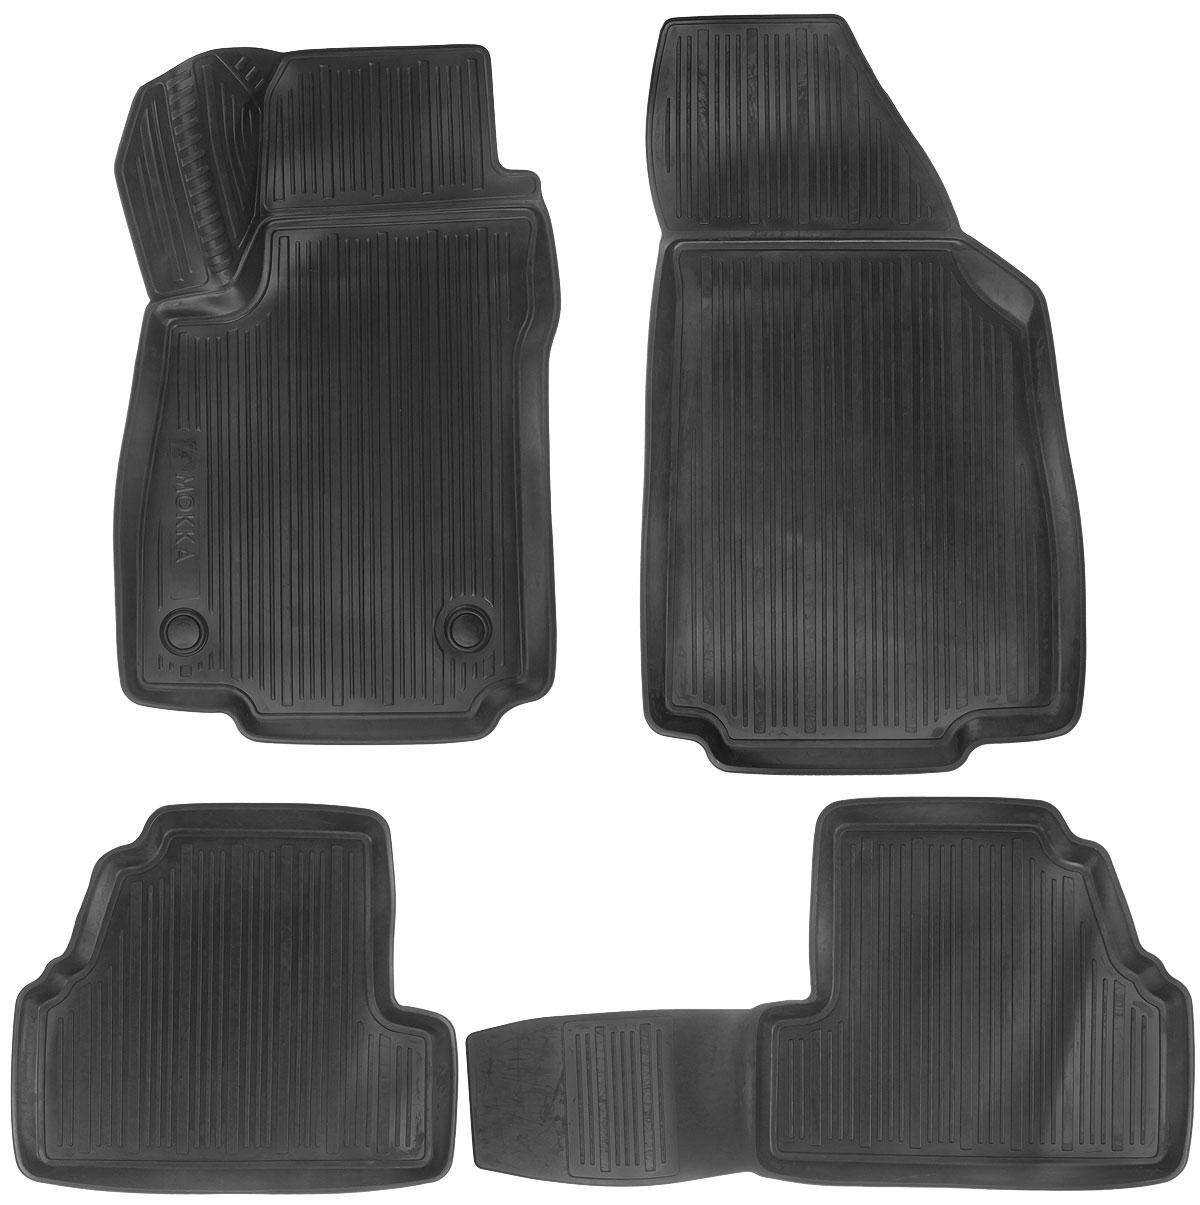 Набор автомобильных ковриков L.Locker Opel Mokka 2012, в салон, 4 шт0211080101Набор L.Locker Opel Mokka 2012, изготовленный из полиуретана, состоит из 4 антискользящих 3D ковриков, которые производятся индивидуально для каждой модели автомобиля. Изделие точно повторяет геометрию пола автомобиля, имеет высокий борт, обладает повышенной износоустойчивостью, лишено резкого запаха и сохраняет свои потребительские свойства в широком диапазоне температур от -50°С до +50°С.Комплектация: 4 шт.Размер ковриков: 80 см х 51 см; 50 см х 87,5 см; 84 см х 44 см; 51 см х 44 см.